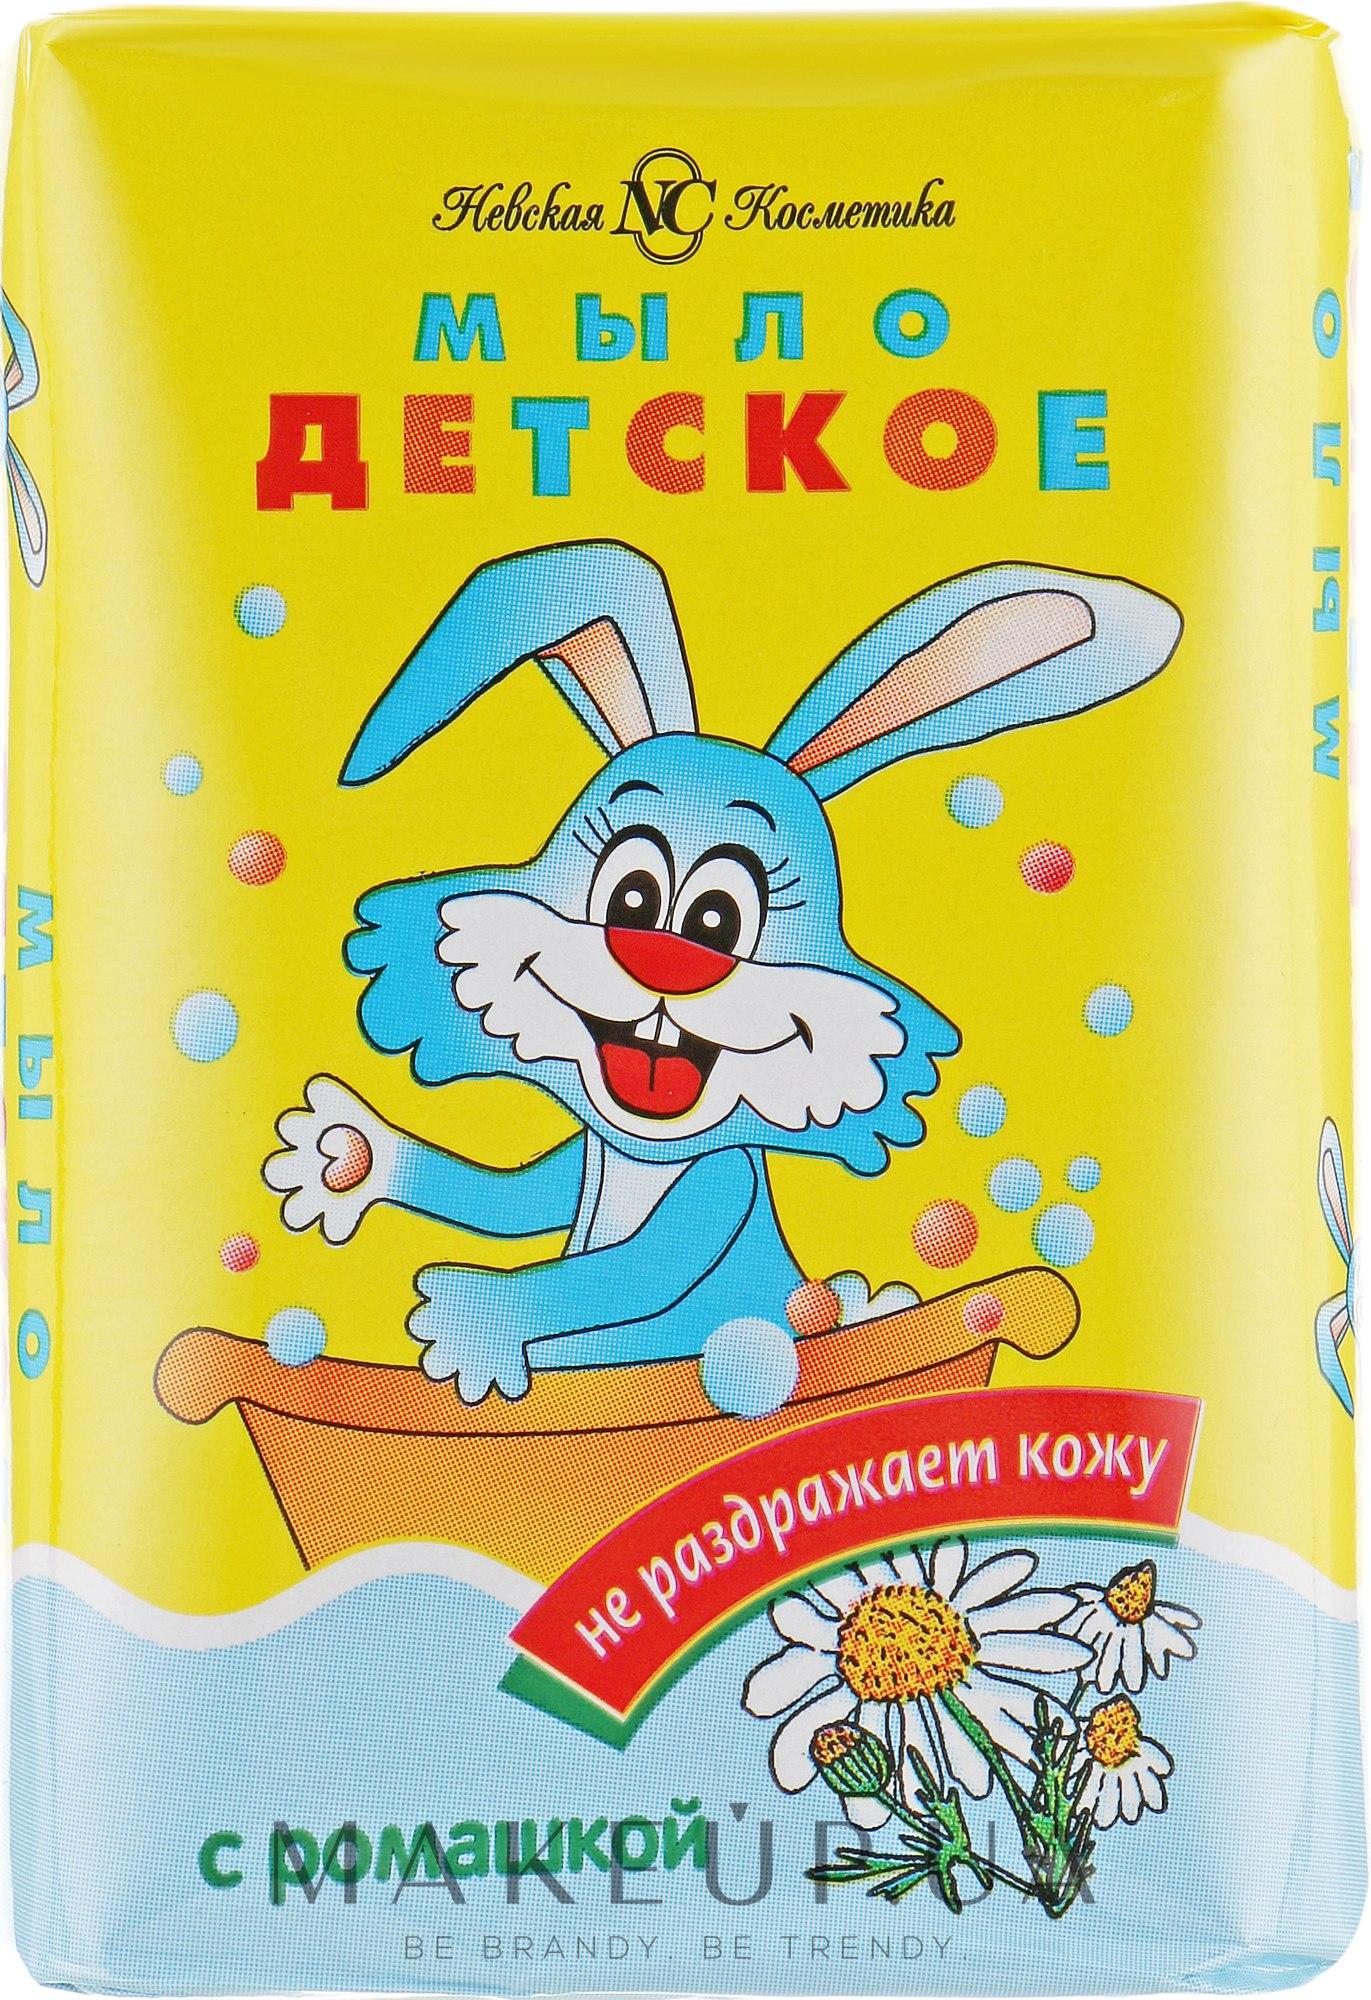 Купить невская косметика в украине пробники и тестеры косметики купить